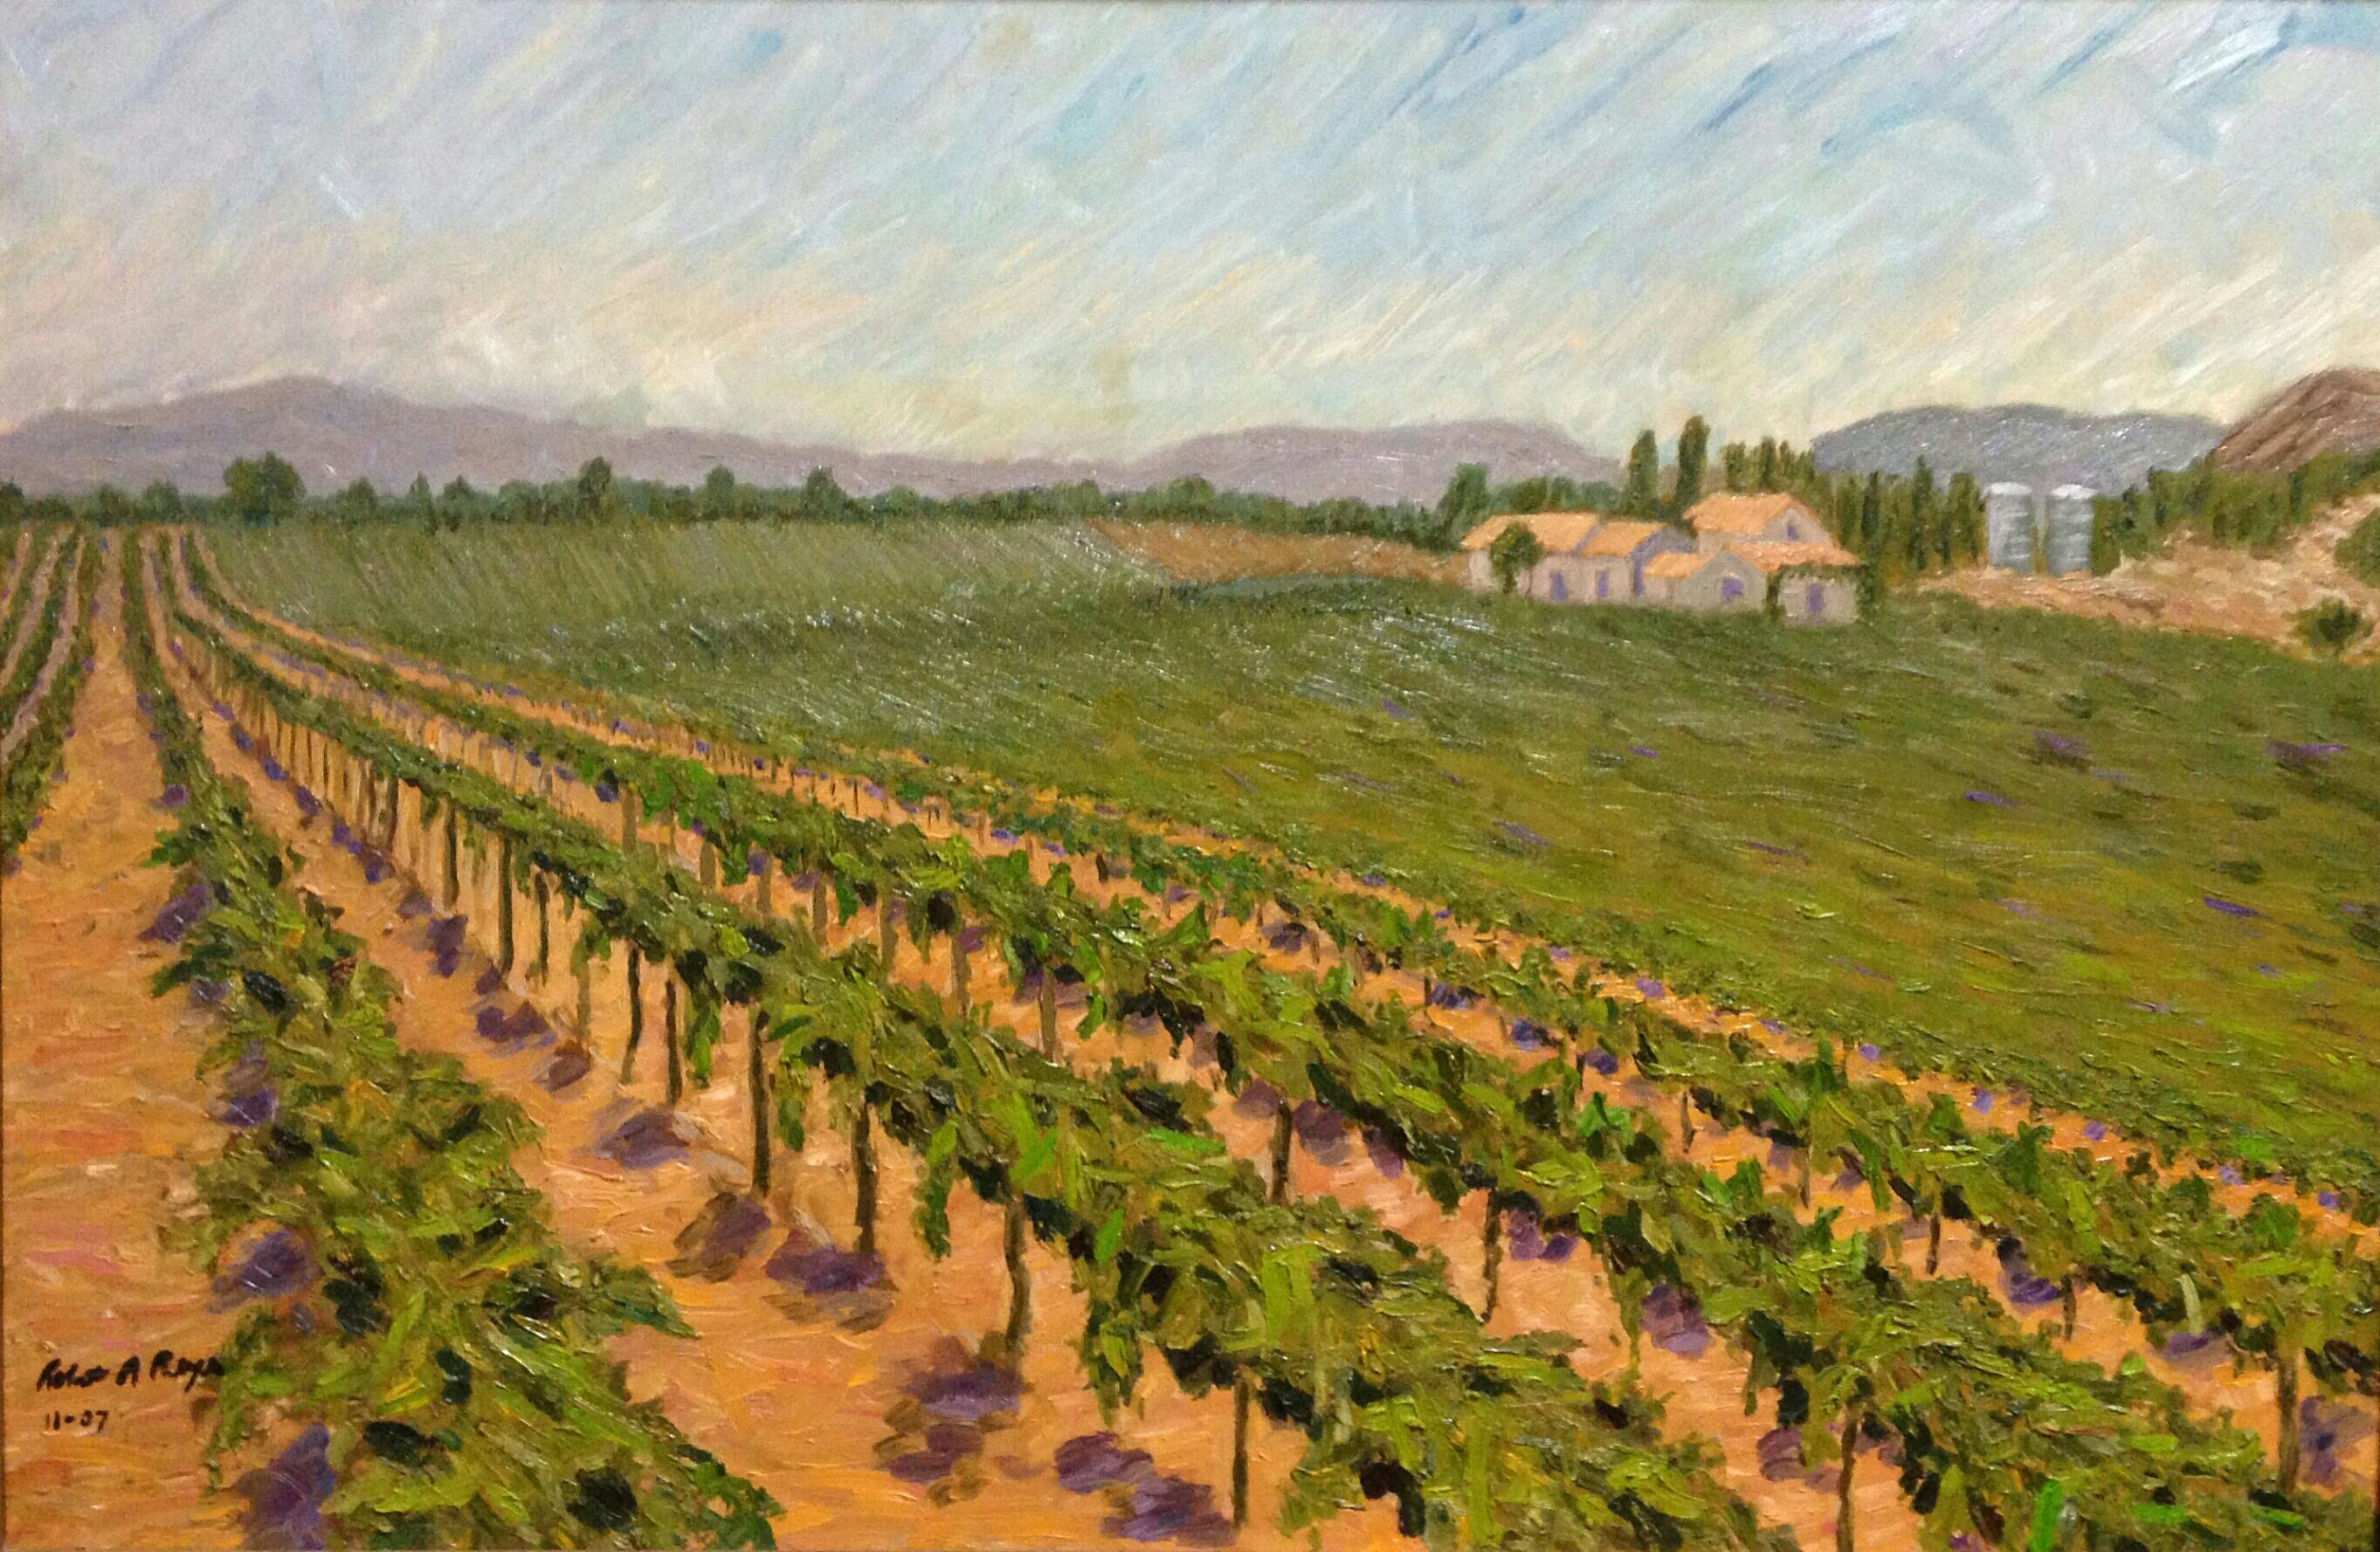 Paintings Reyes Winery